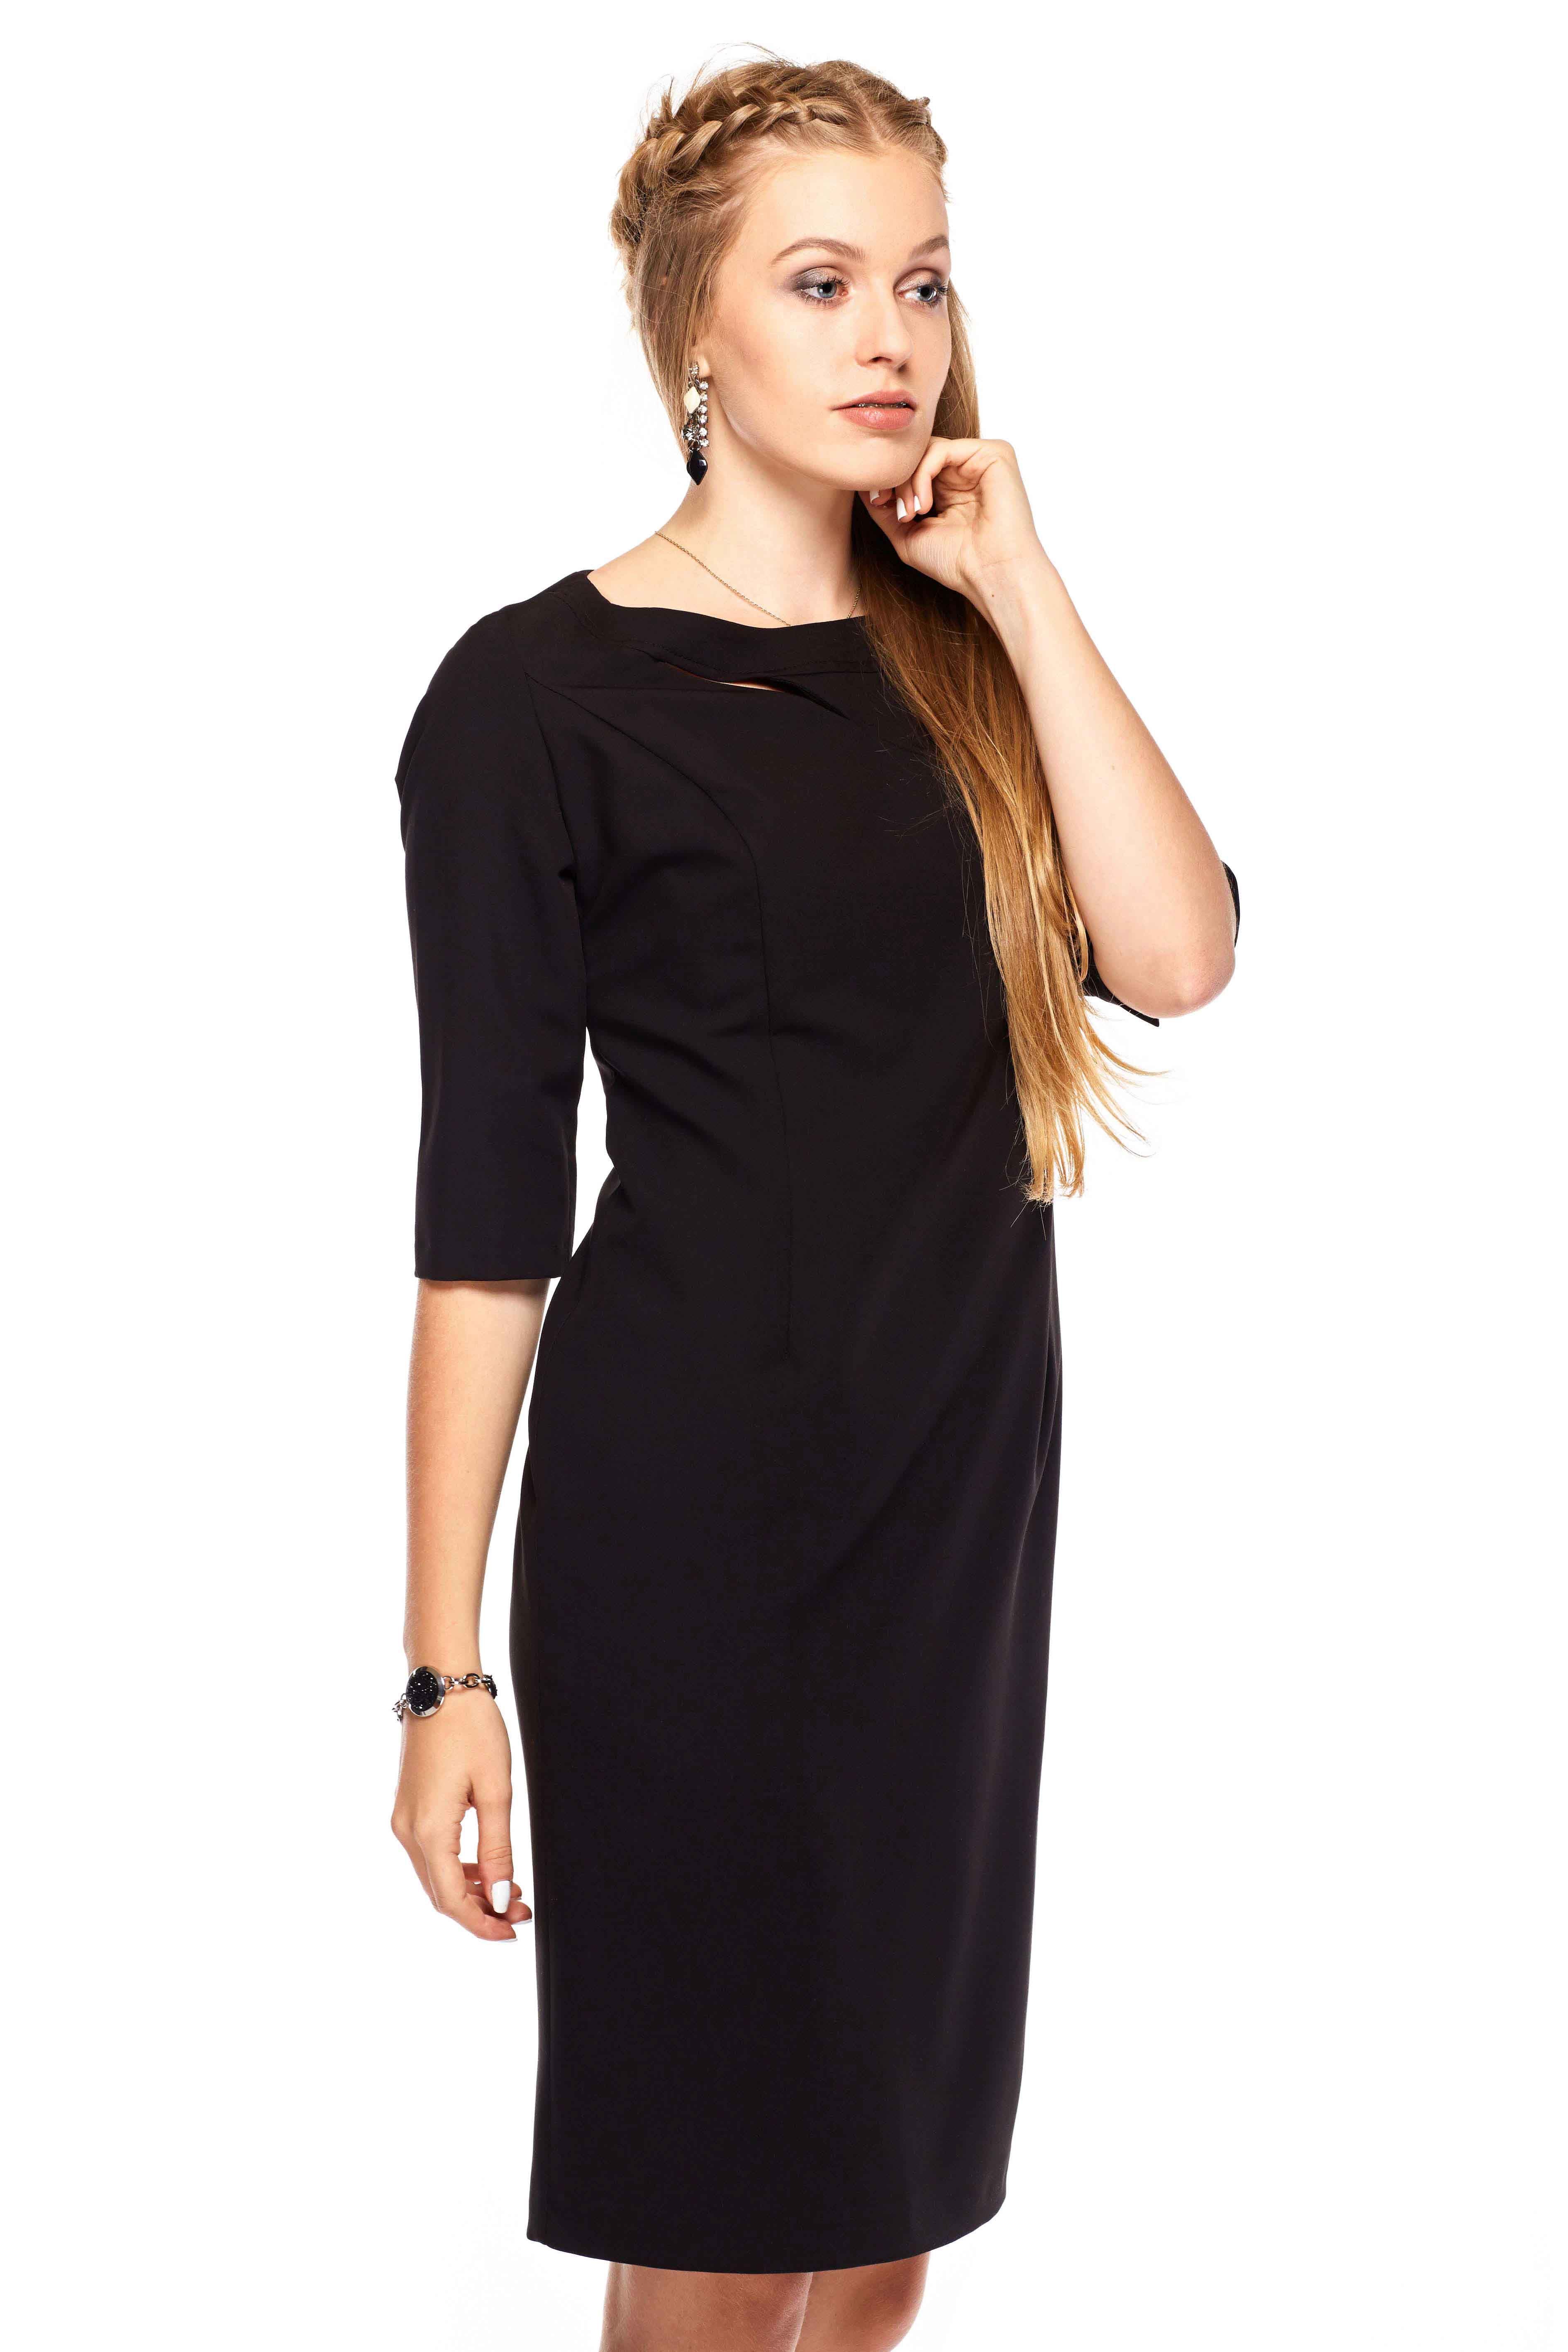 Inga dress in black